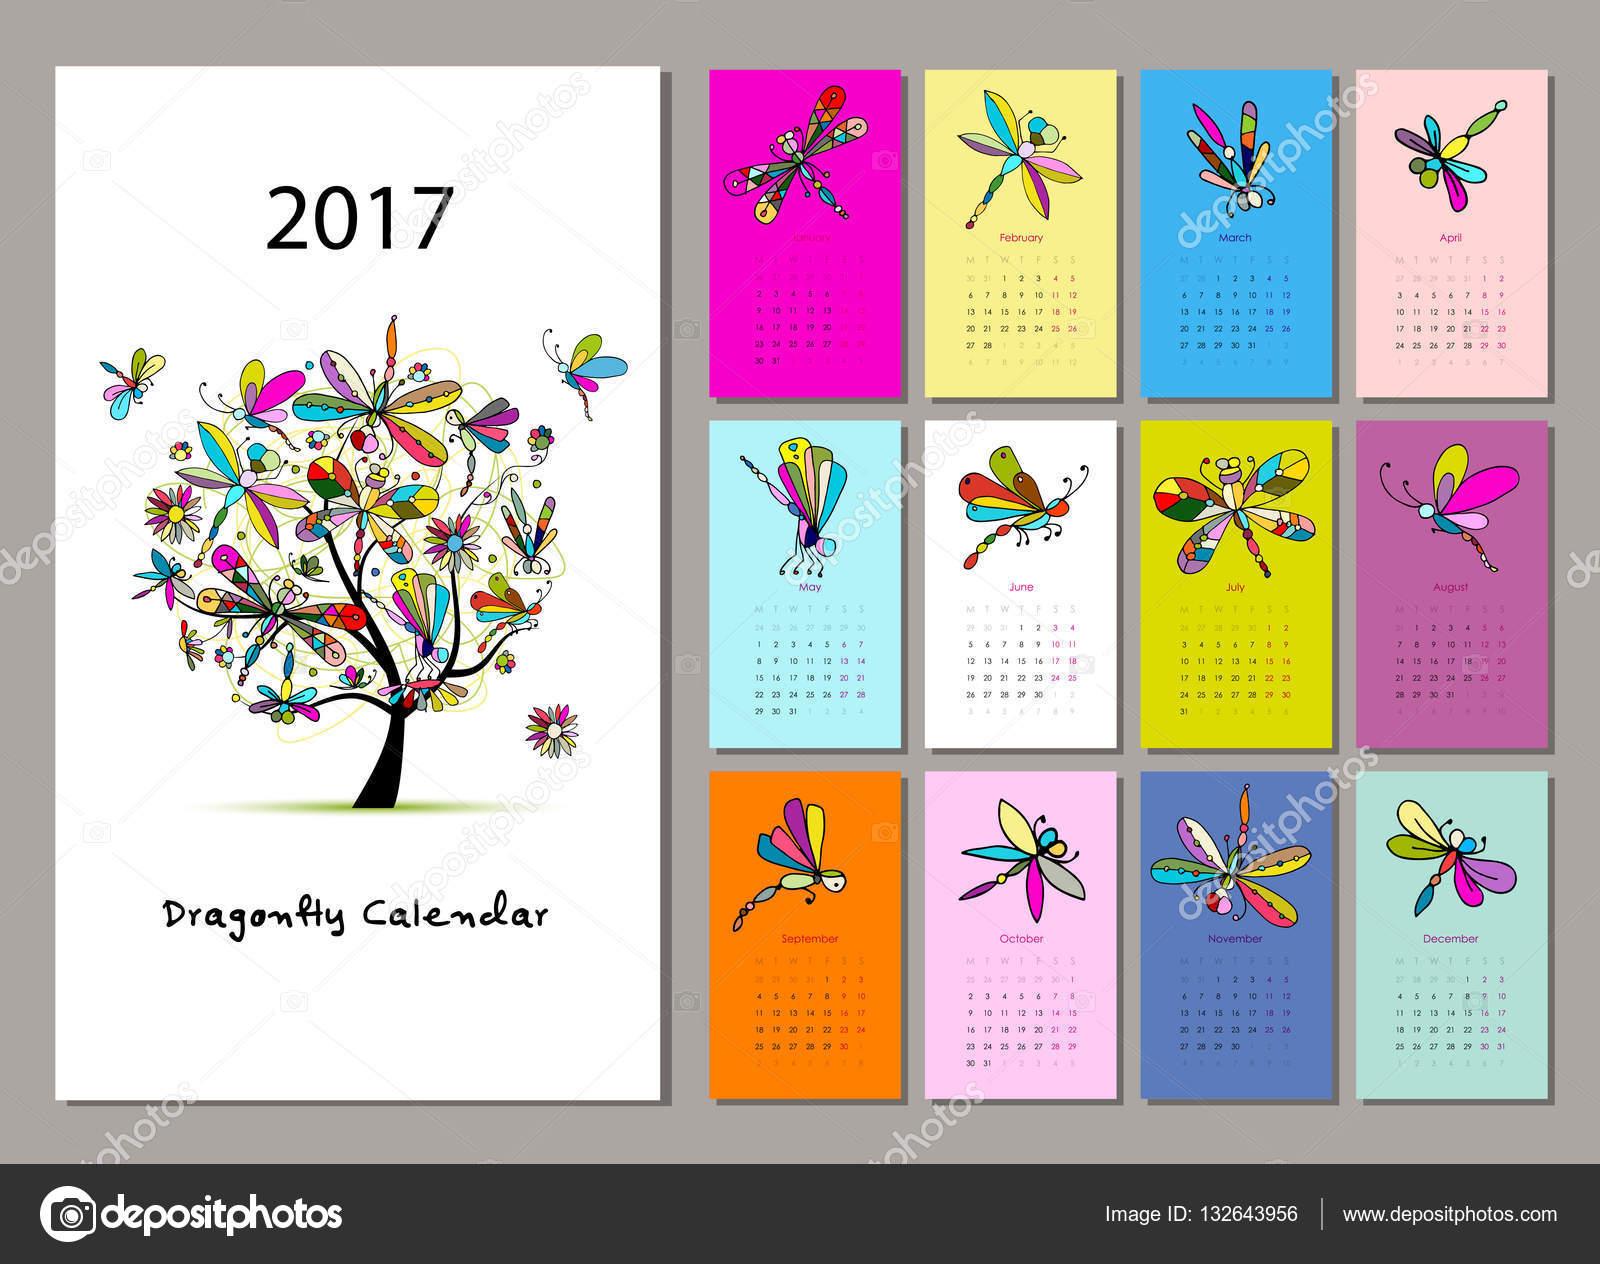 Dise o de lib lula calendario 2017 vector de stock - Disenos de calendarios ...